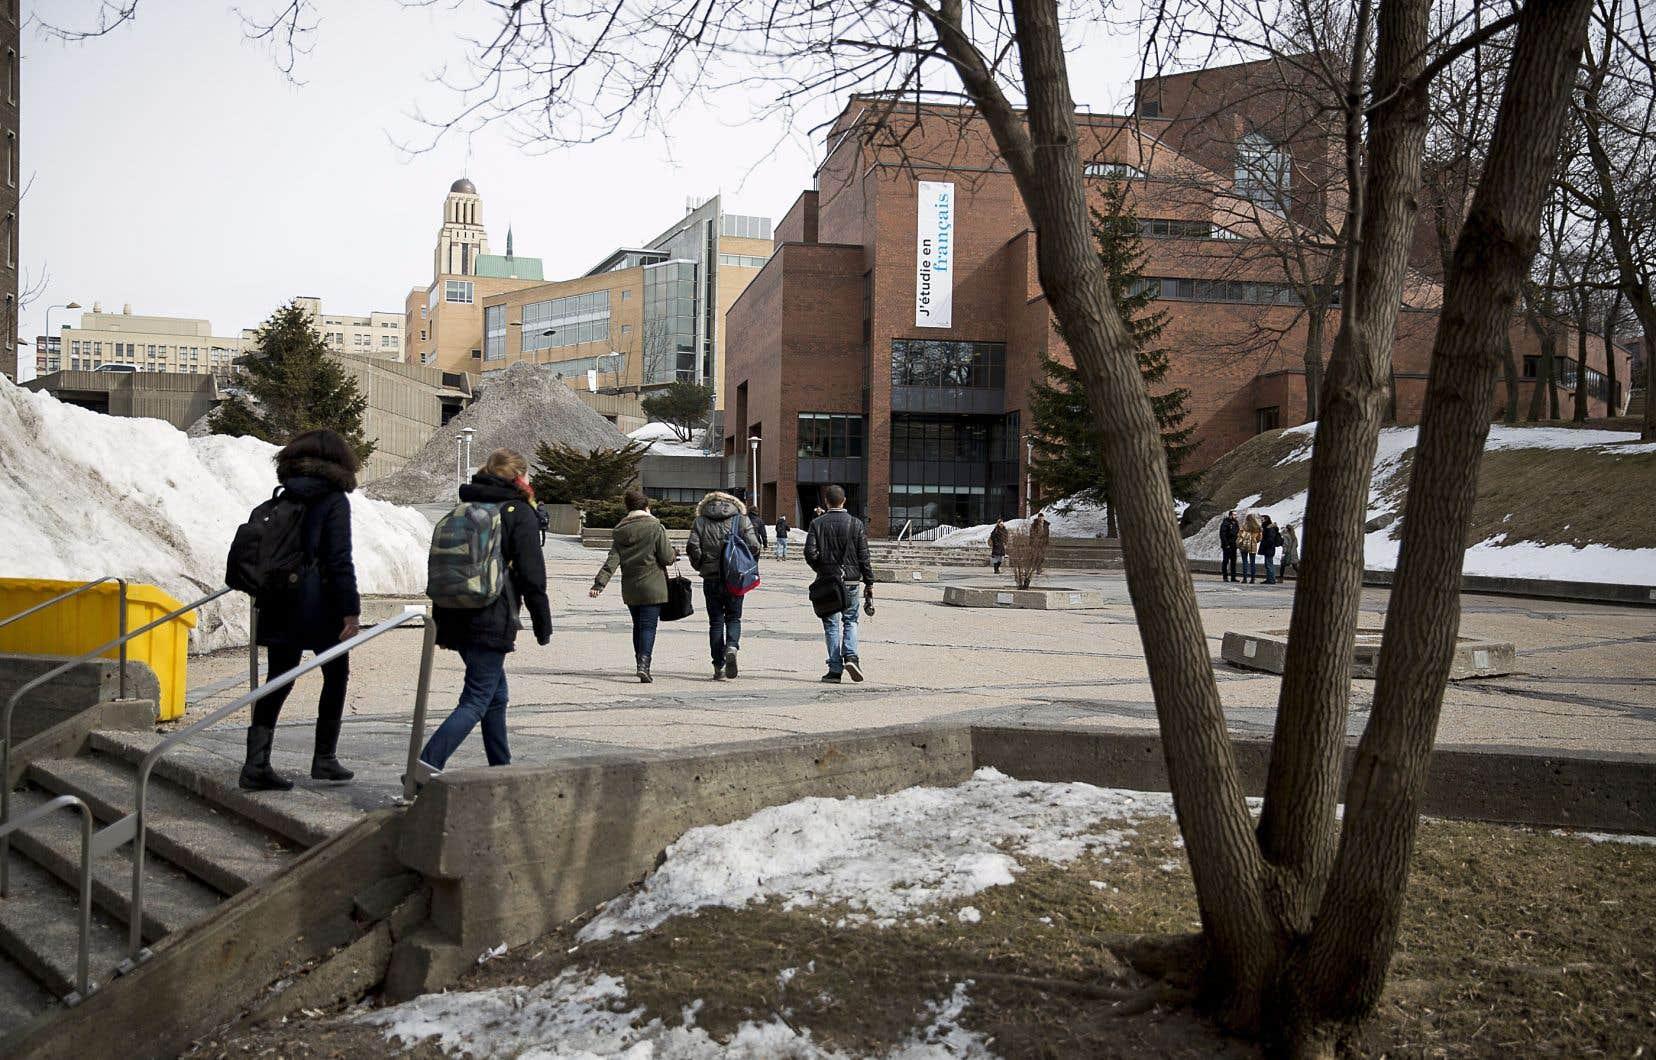 Les universités québécoises sont plus volontaires en ce qui concerne les échanges bilatéraux d'étudiants pour un trimestre, au premier cycle notamment.